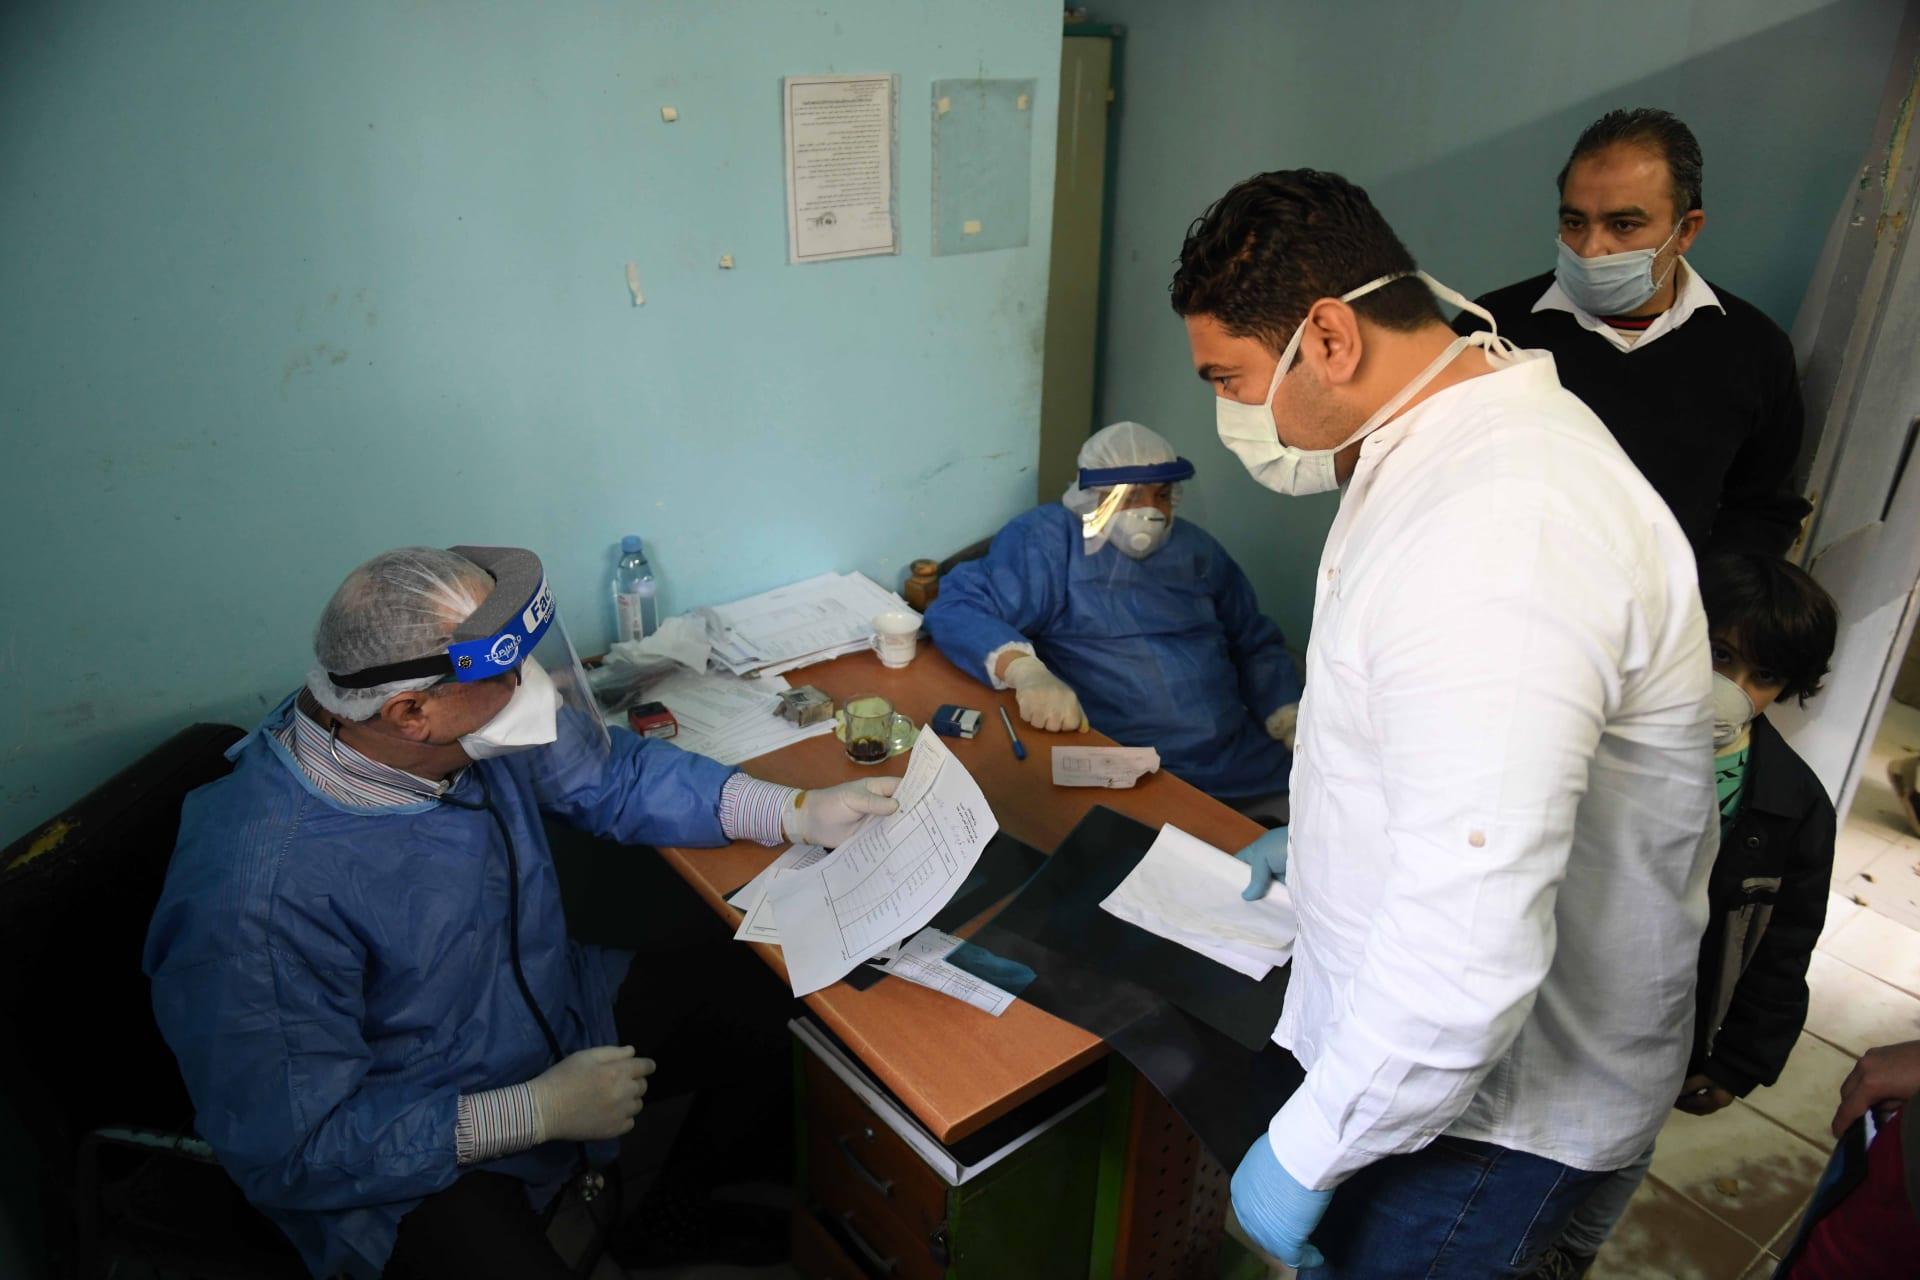 العفو الدولية: العاملون بالصحة في مصر يواجهون خيارا مستحيلا في ظل كورونا